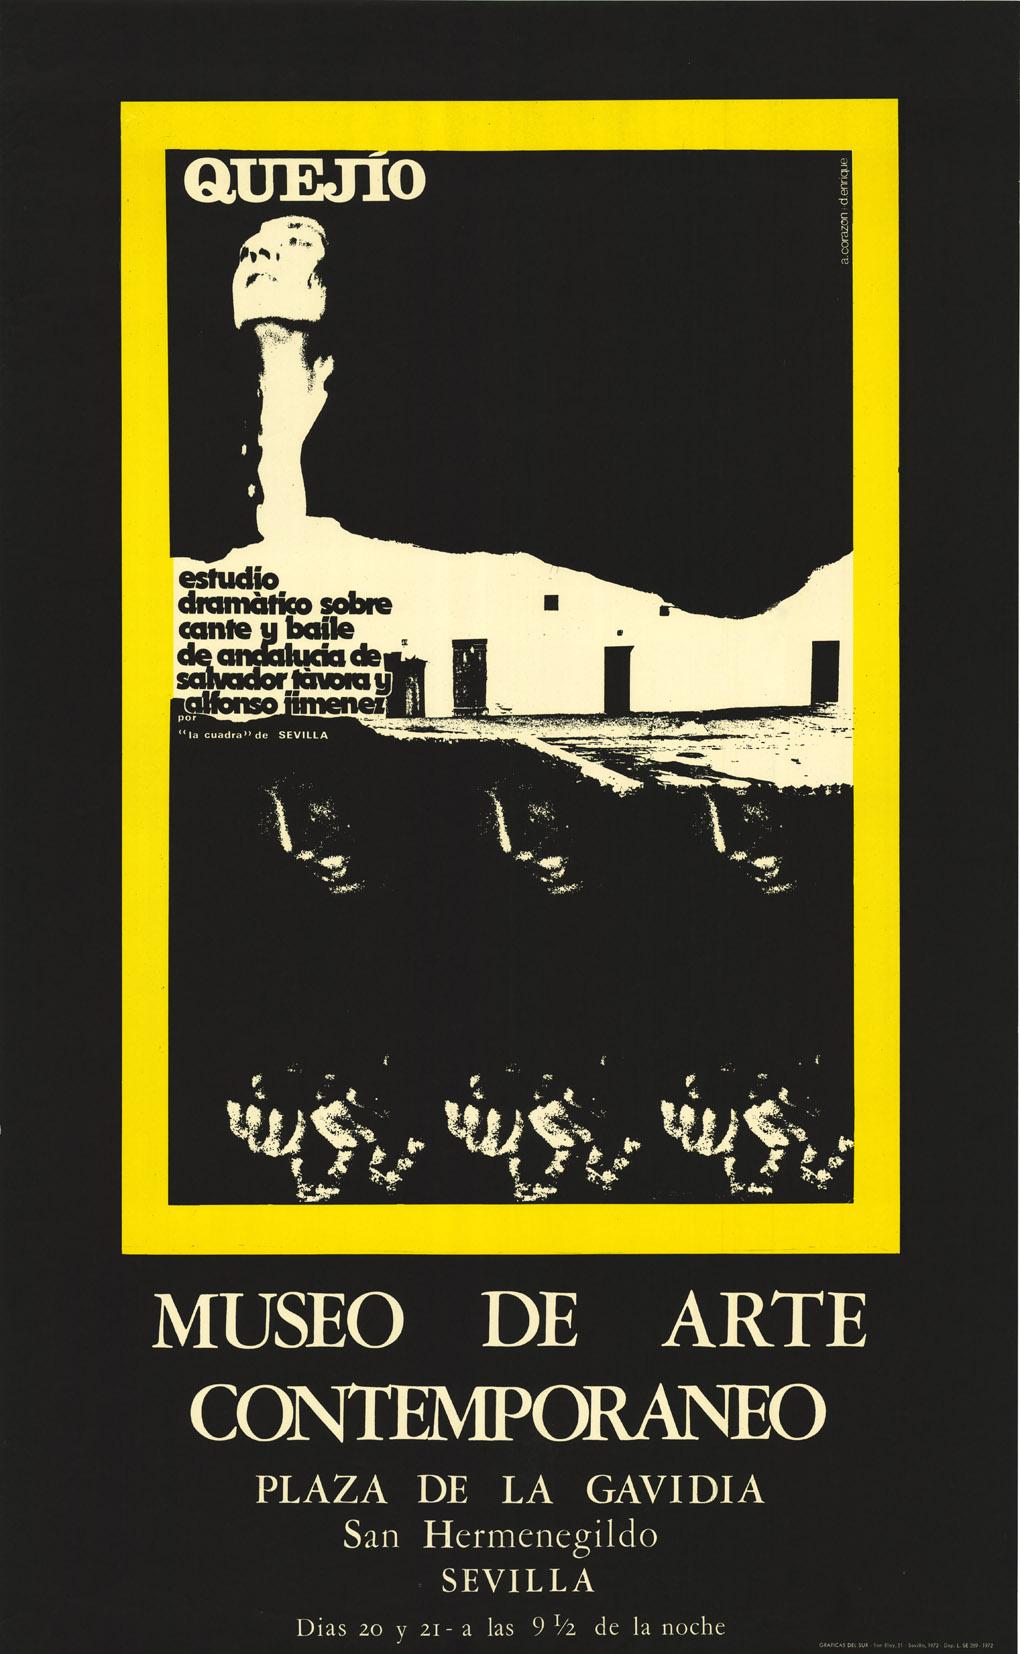 Cartel de Quejío. Museo de Arte Contemporáneo. Sevilla